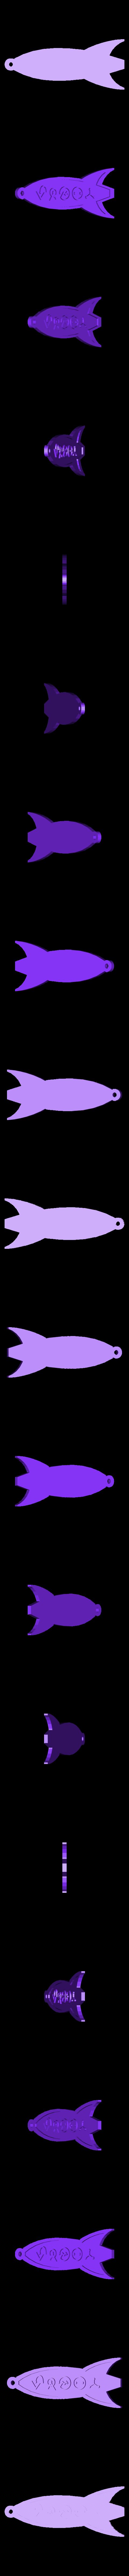 futu_keychain_print.stl Download free STL file Customizable Futurama Rocket With Alien Text • 3D printer model, ferjerez3d